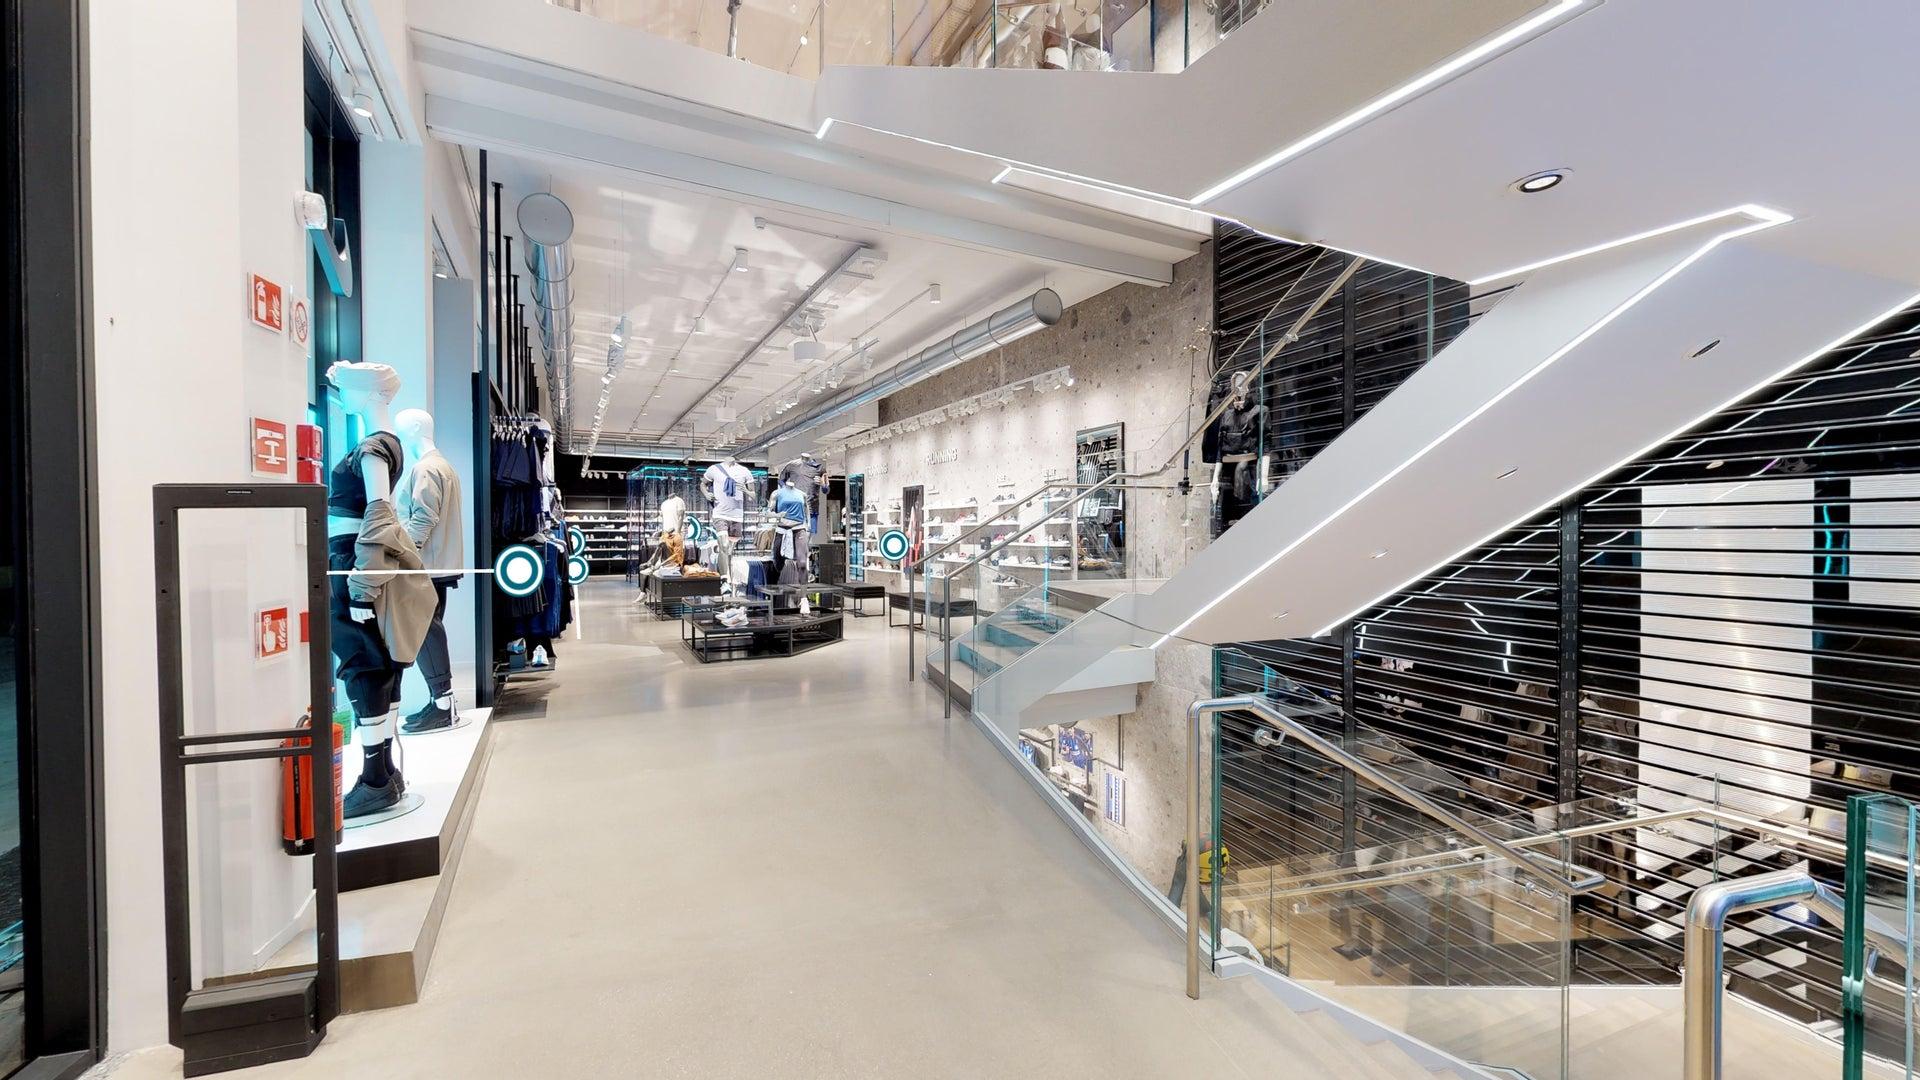 disoccupato prestito comuni  nike store in milano > Clearance shop